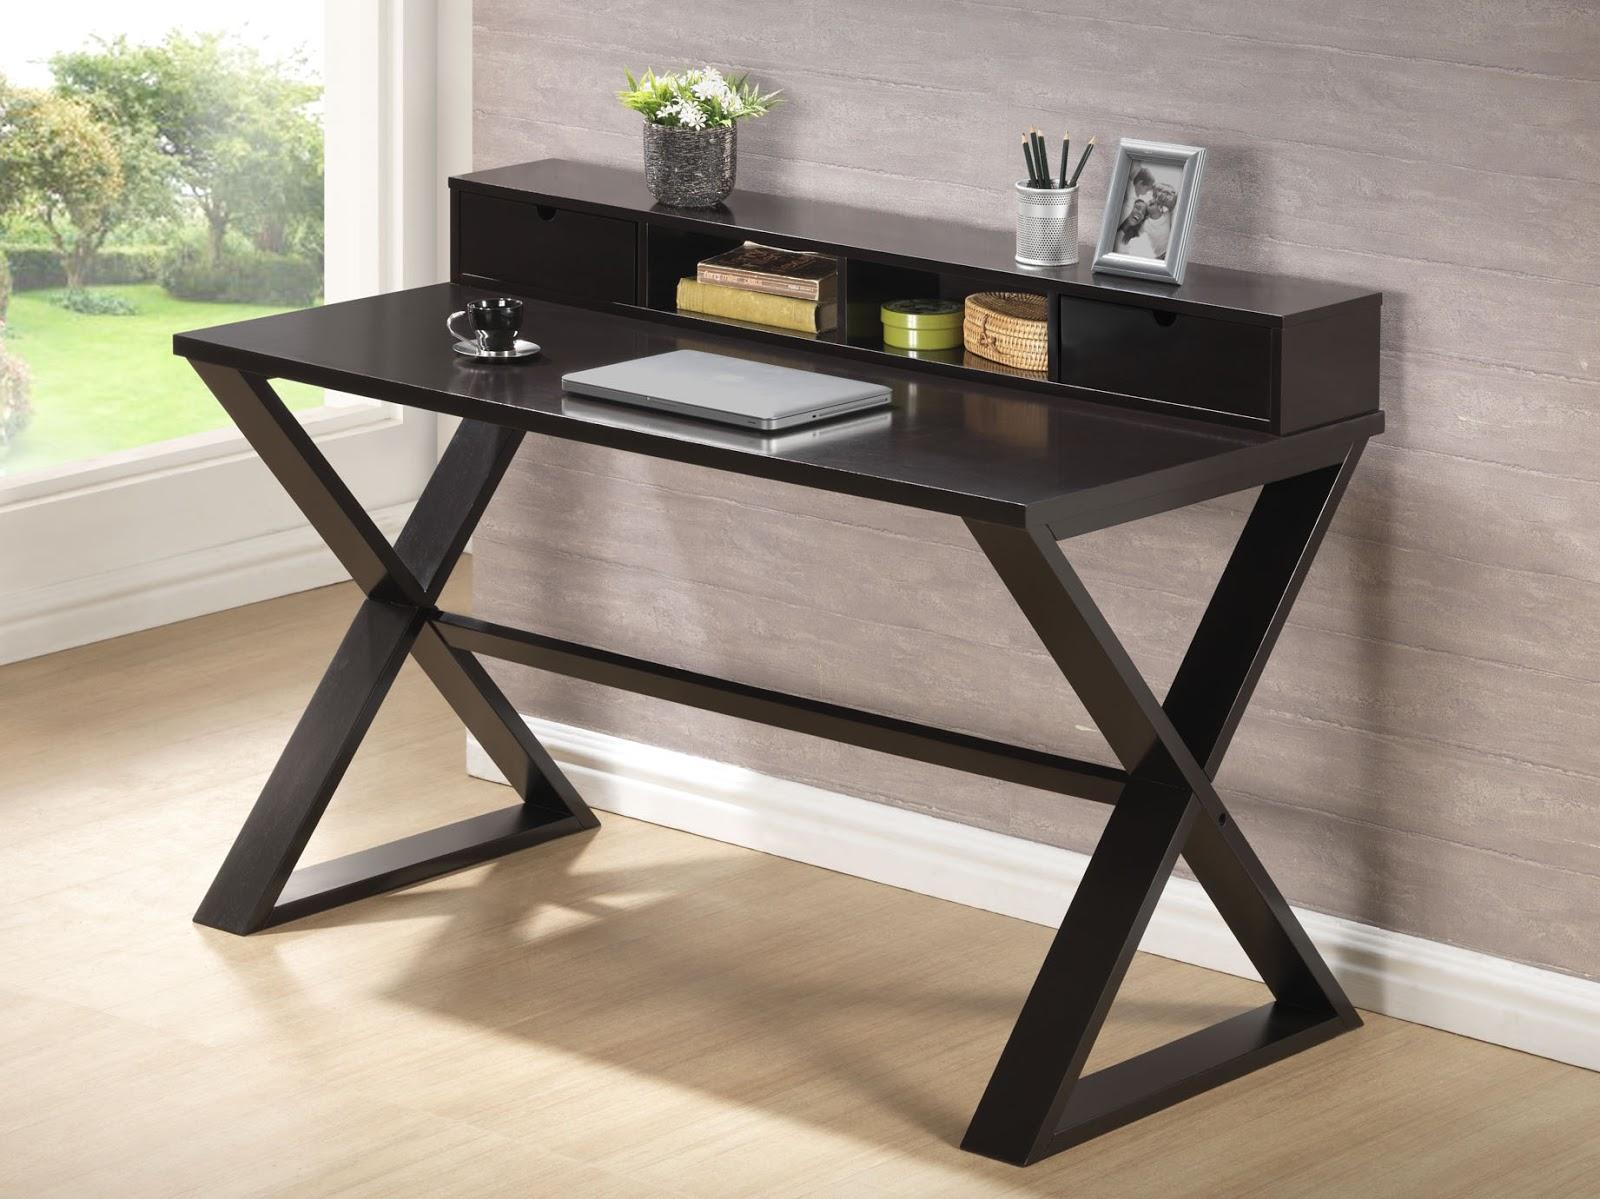 Chicago Furniture | Interior Express Outlet Blog: Affordable Modern Writing Desks - Great Fit ...